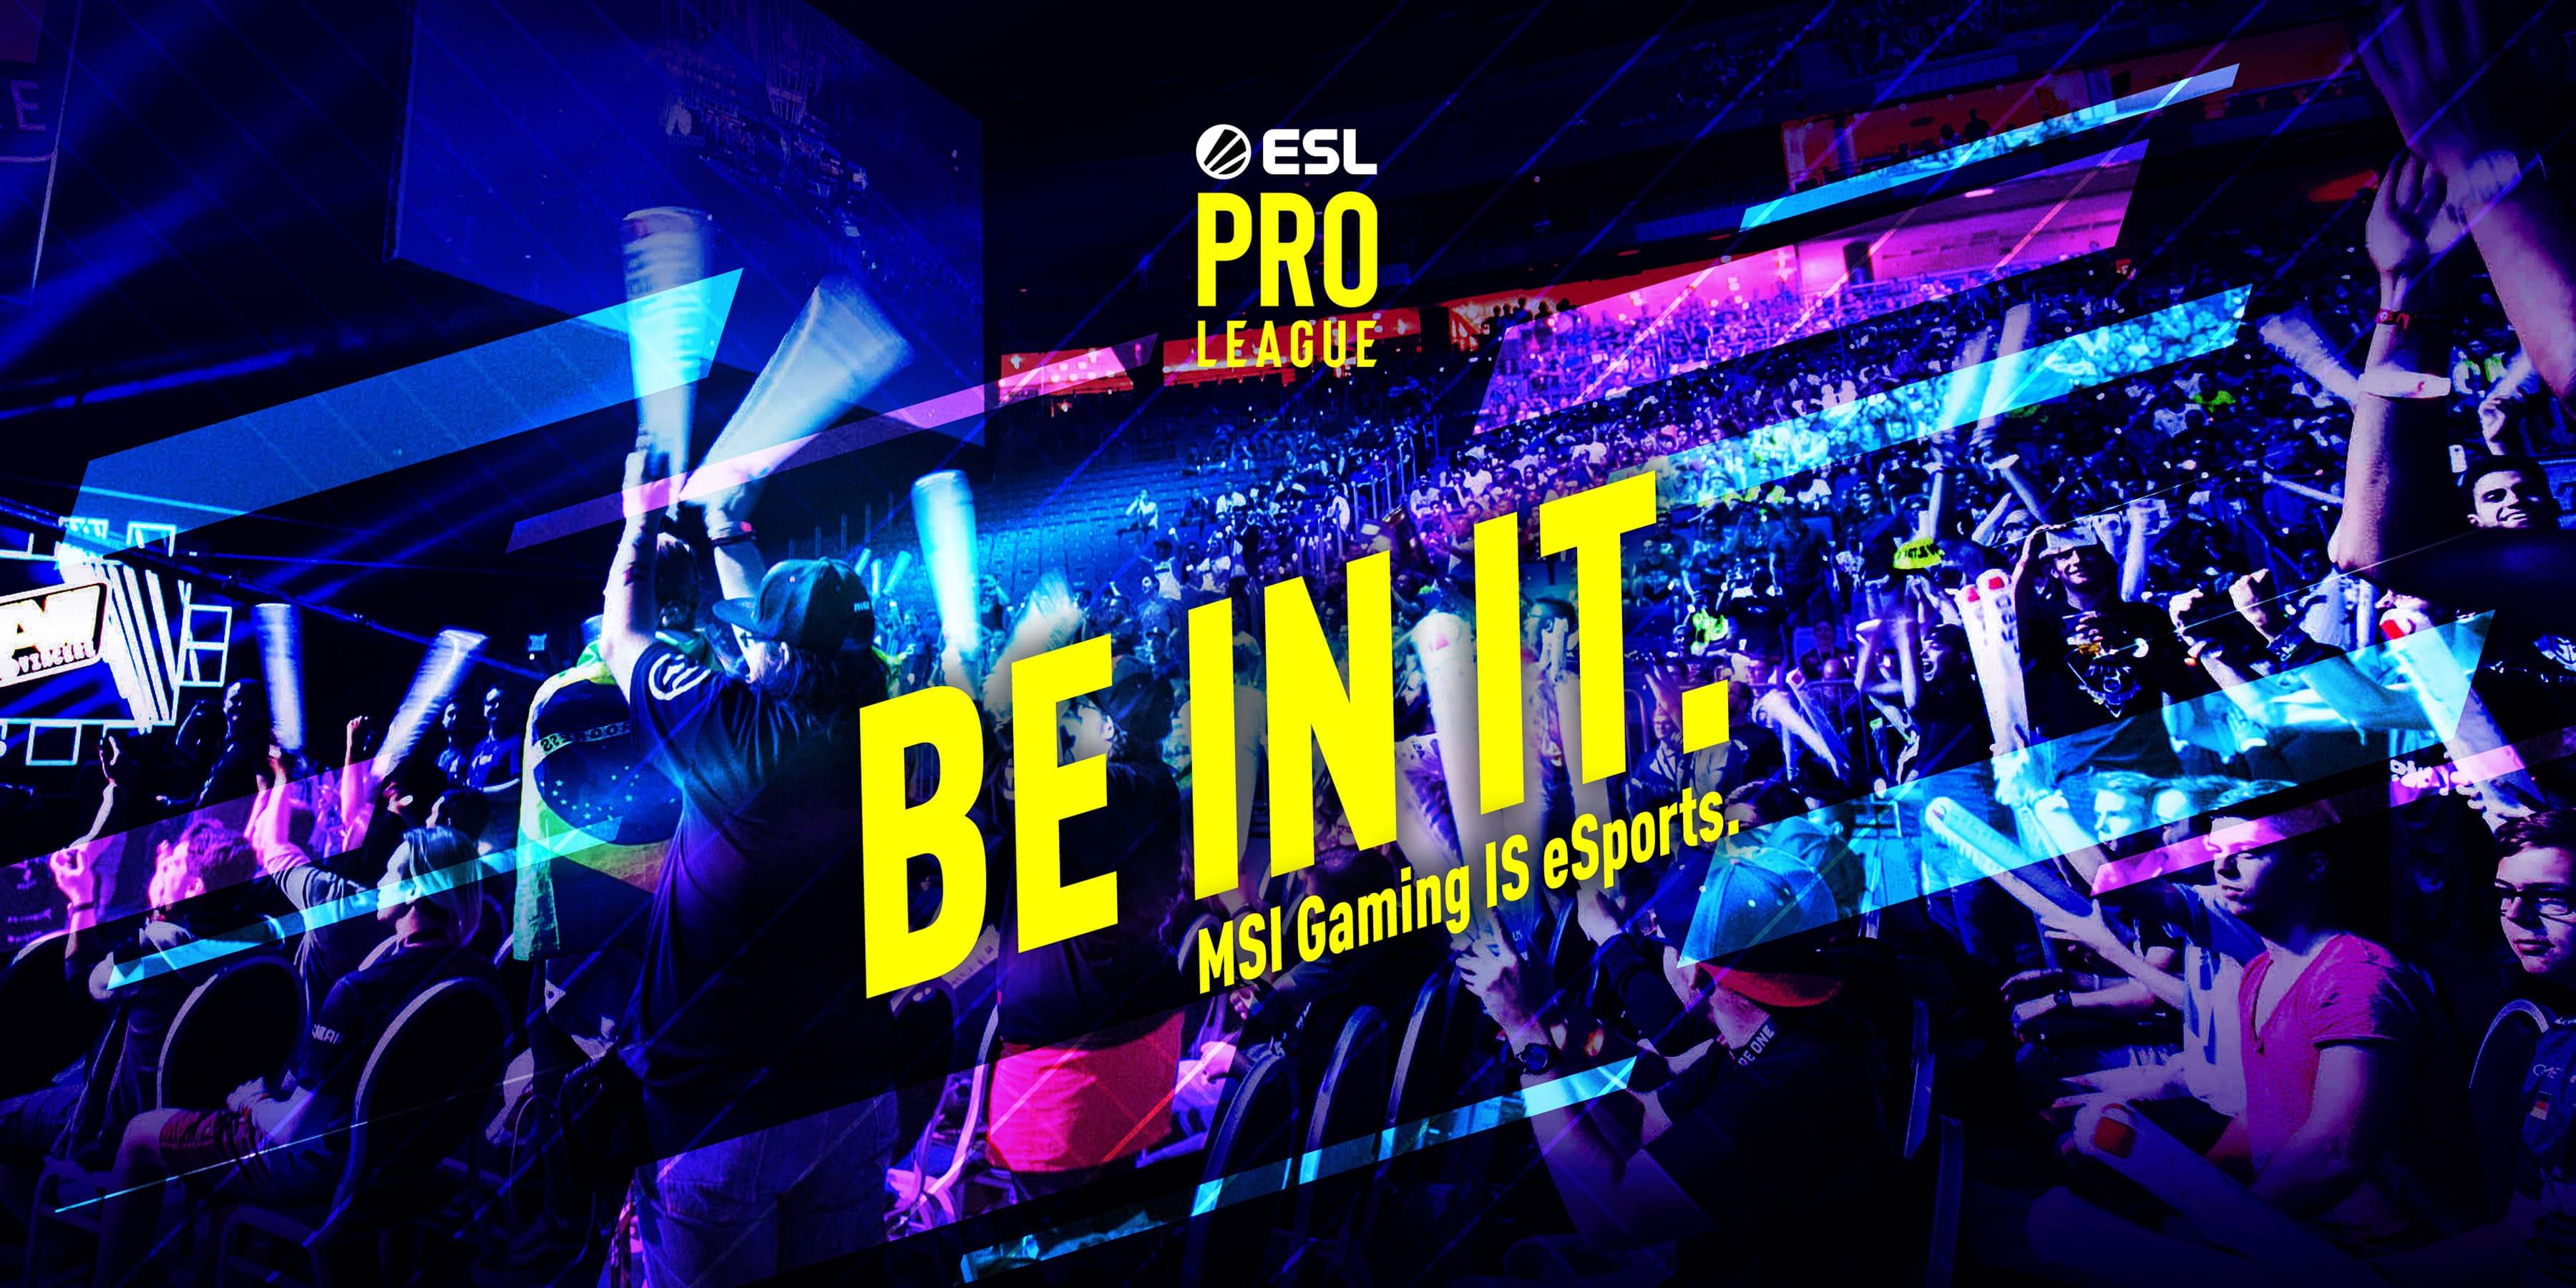 ESL Pro League S12 banner